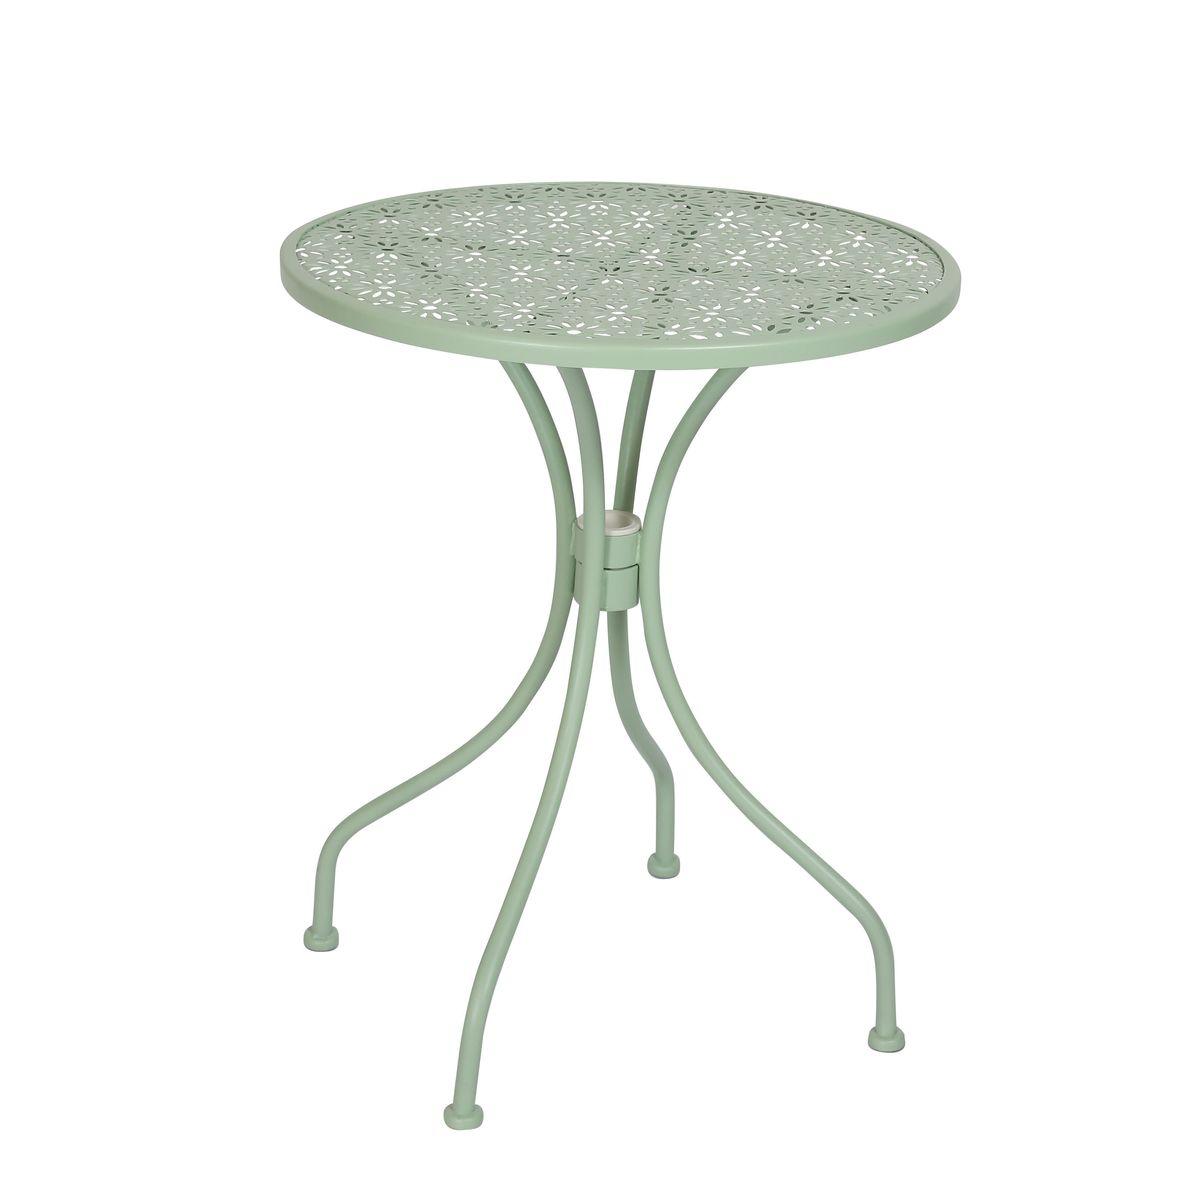 Table d'extérieur ronde en métal vert D60